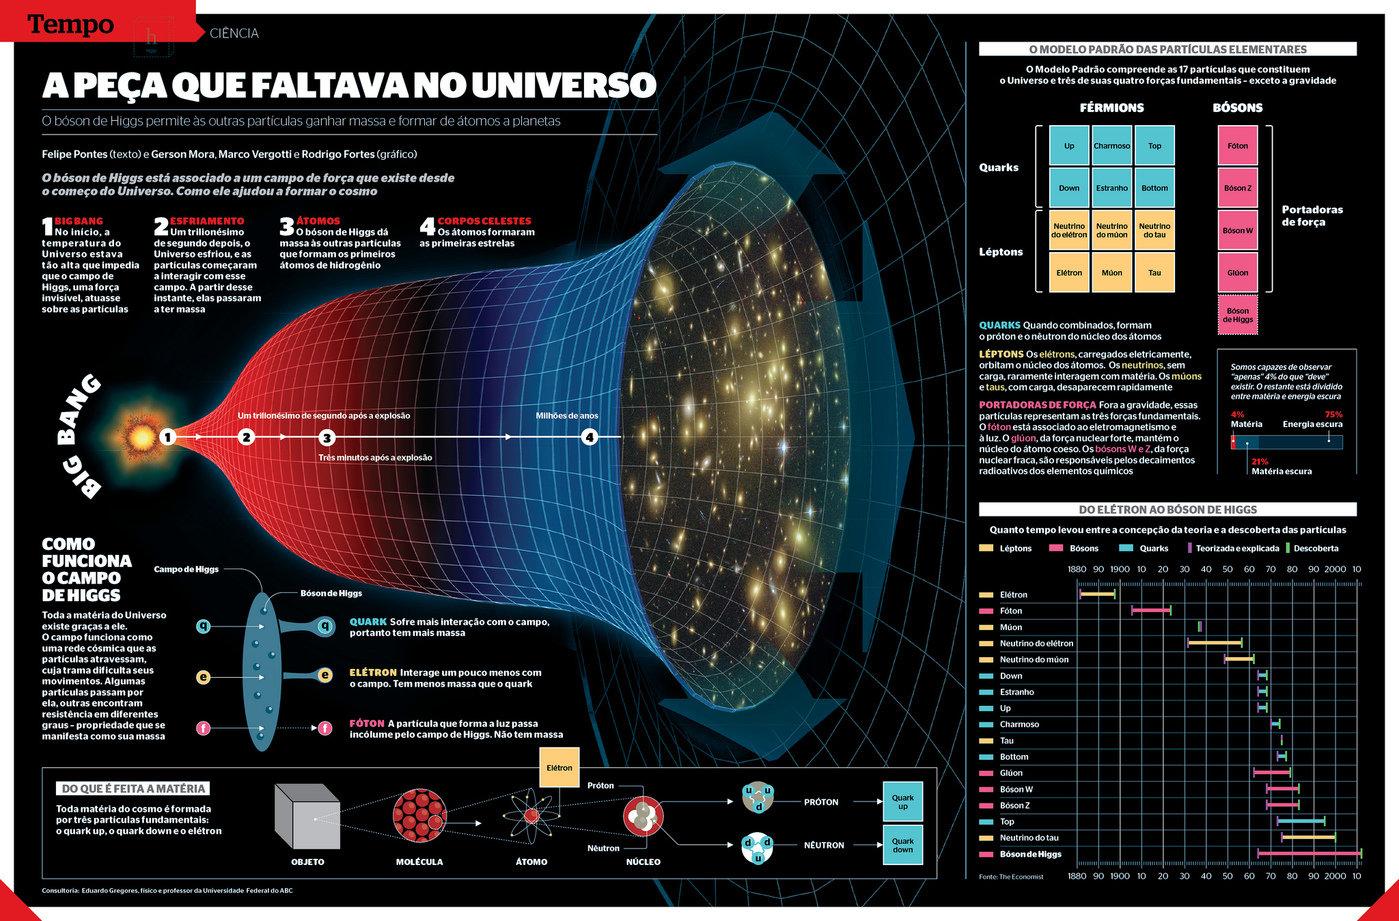 infográfico sobre bosón de Higgs